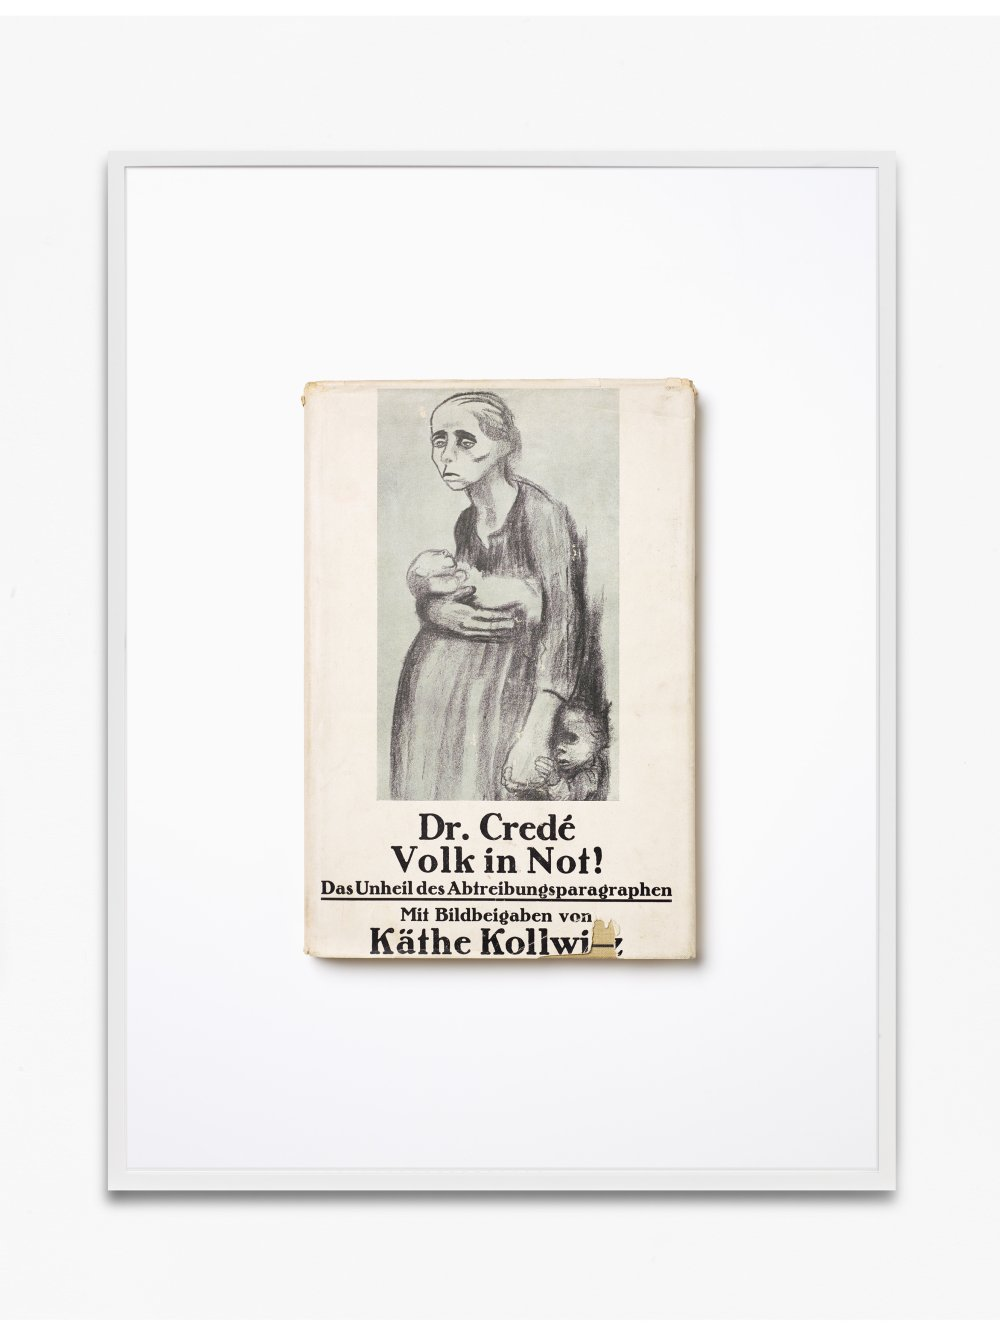 Dr. M. Crede-Hörder, Volk in Not! Das Unheil des Abtreibungsparagraphen (§218), 1927, Carl Reissner Verlag Dresden, Druck bei Gerold Verlag Pößneck, mit 16 Schöpfungen von Käthe Kollwitz